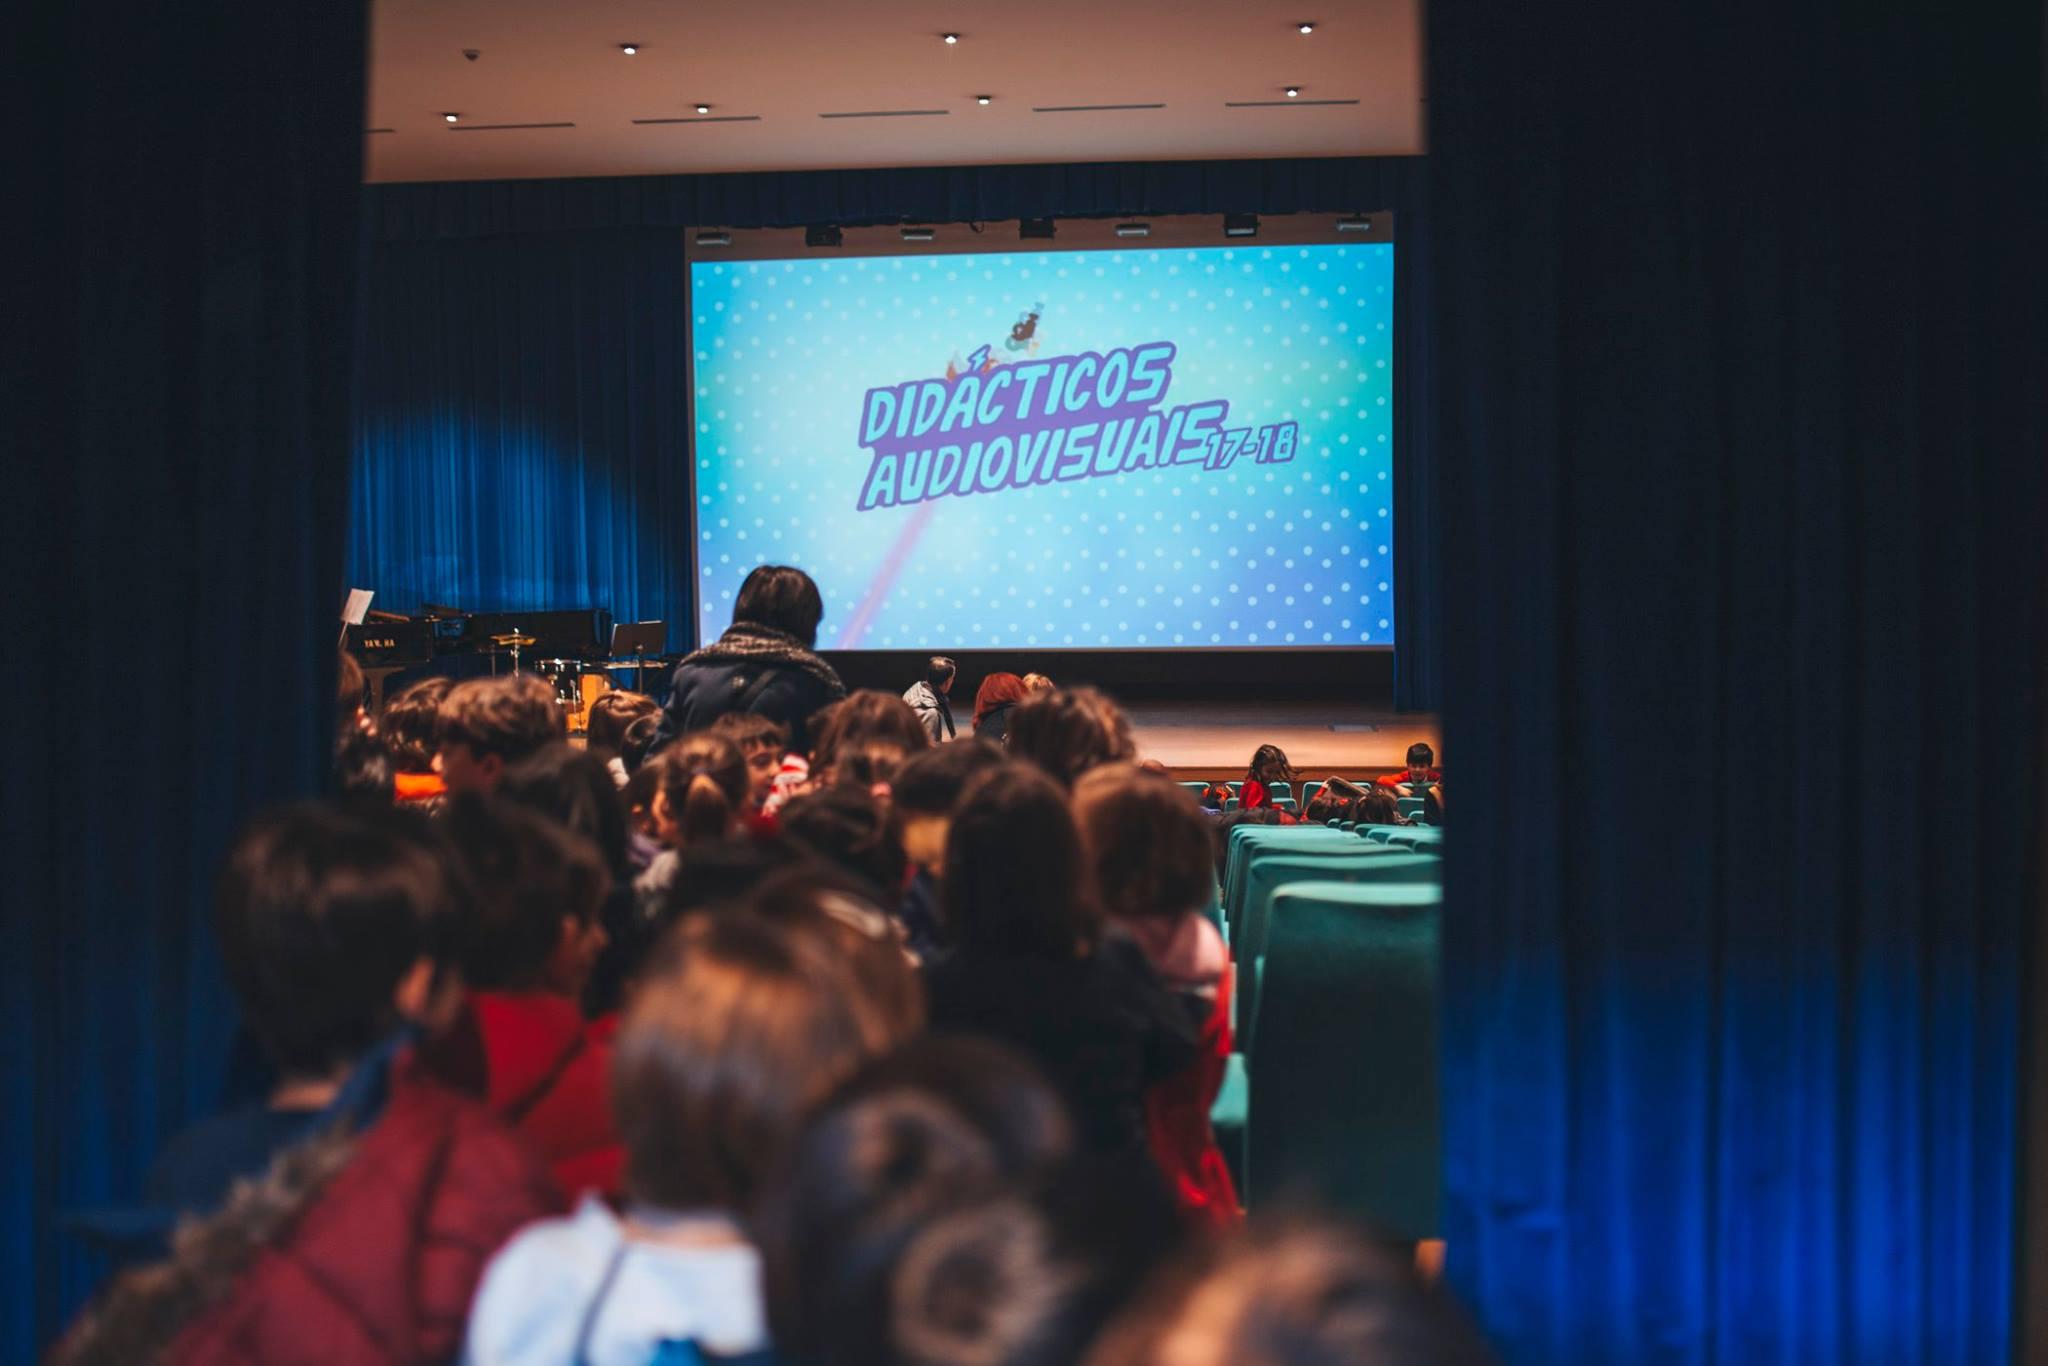 Didácticos Audiovisuais, 17-18